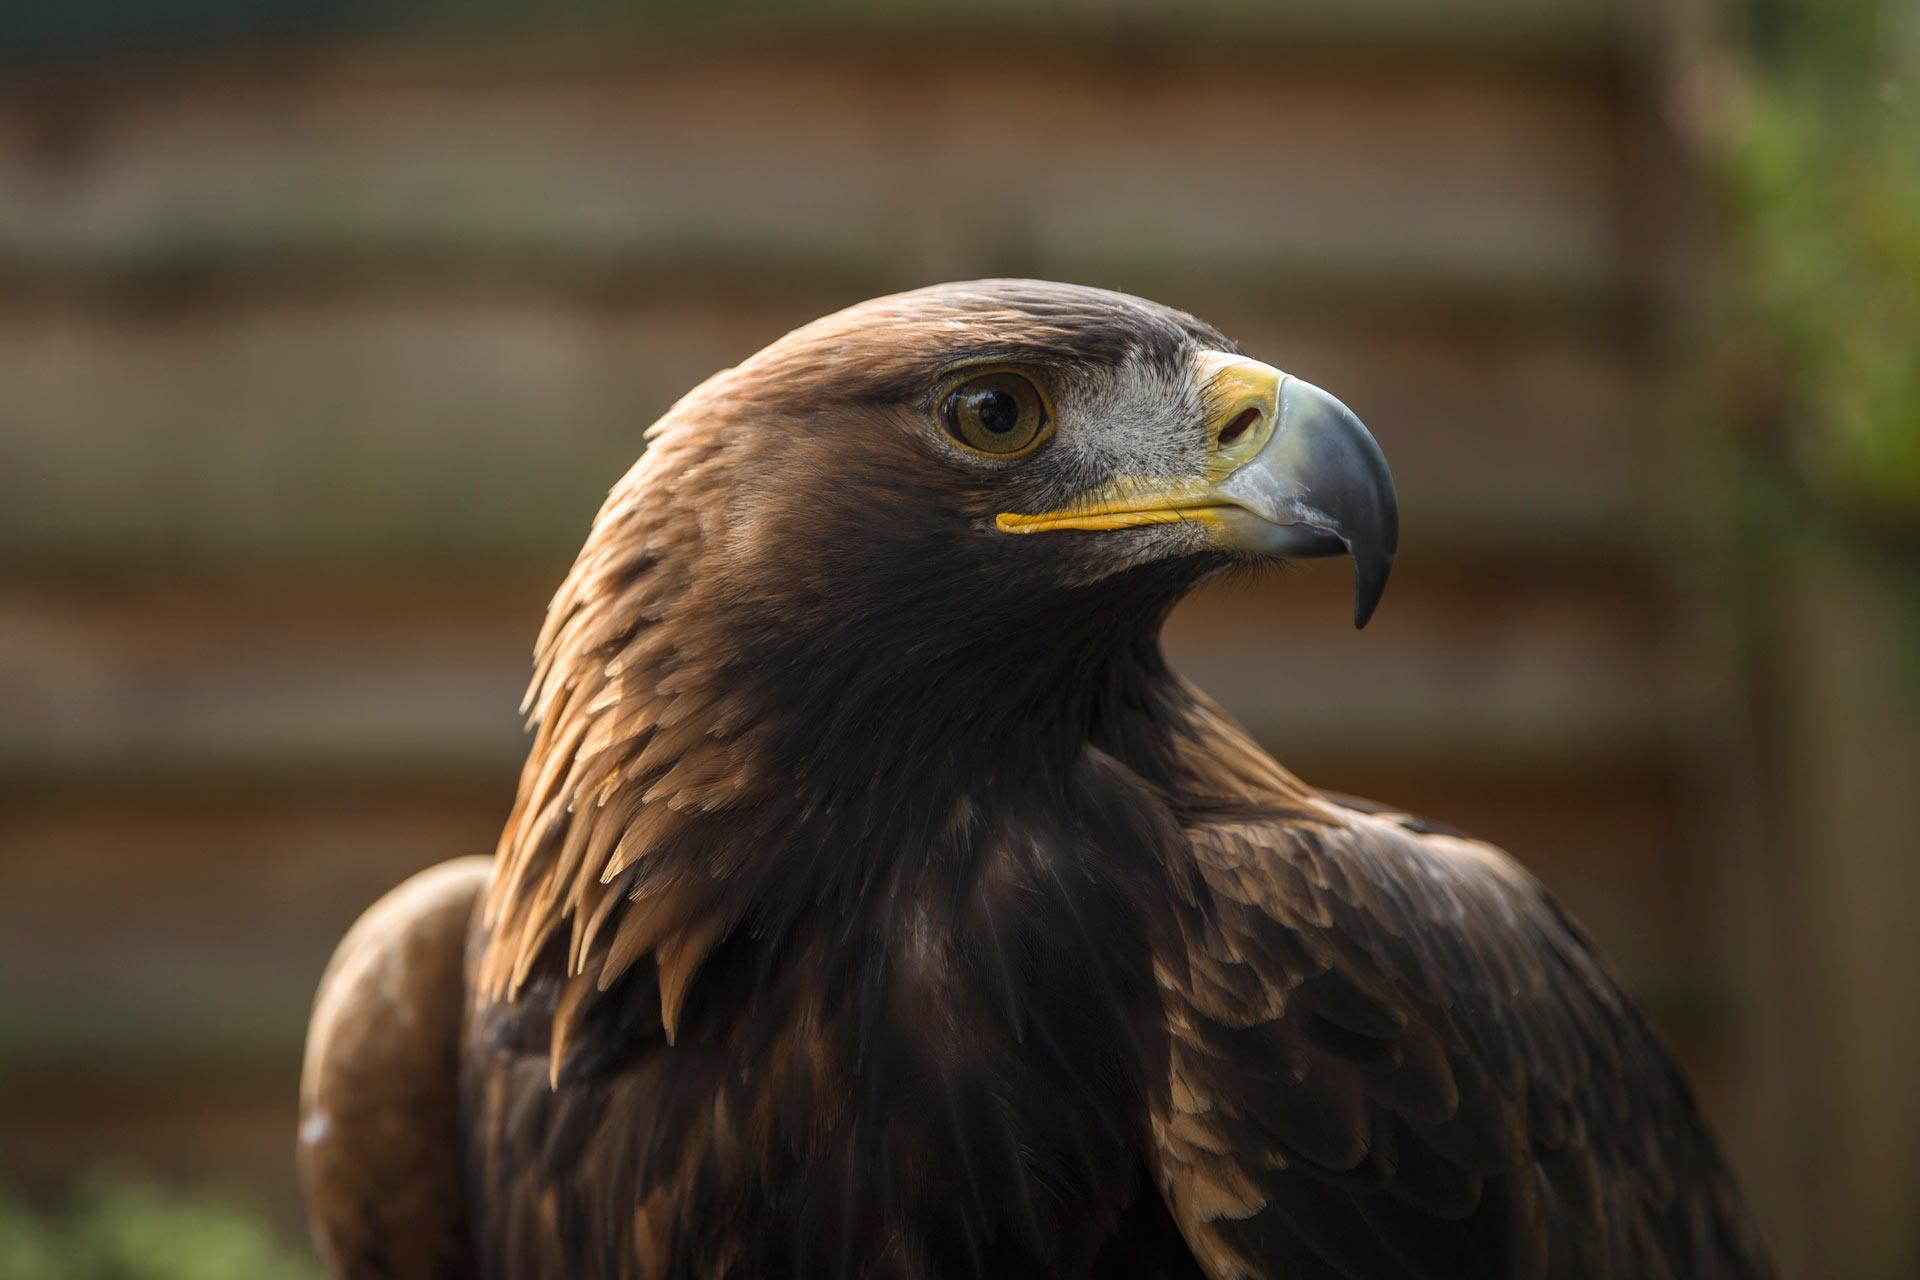 scottish birds u0026 bird watching visitscotland